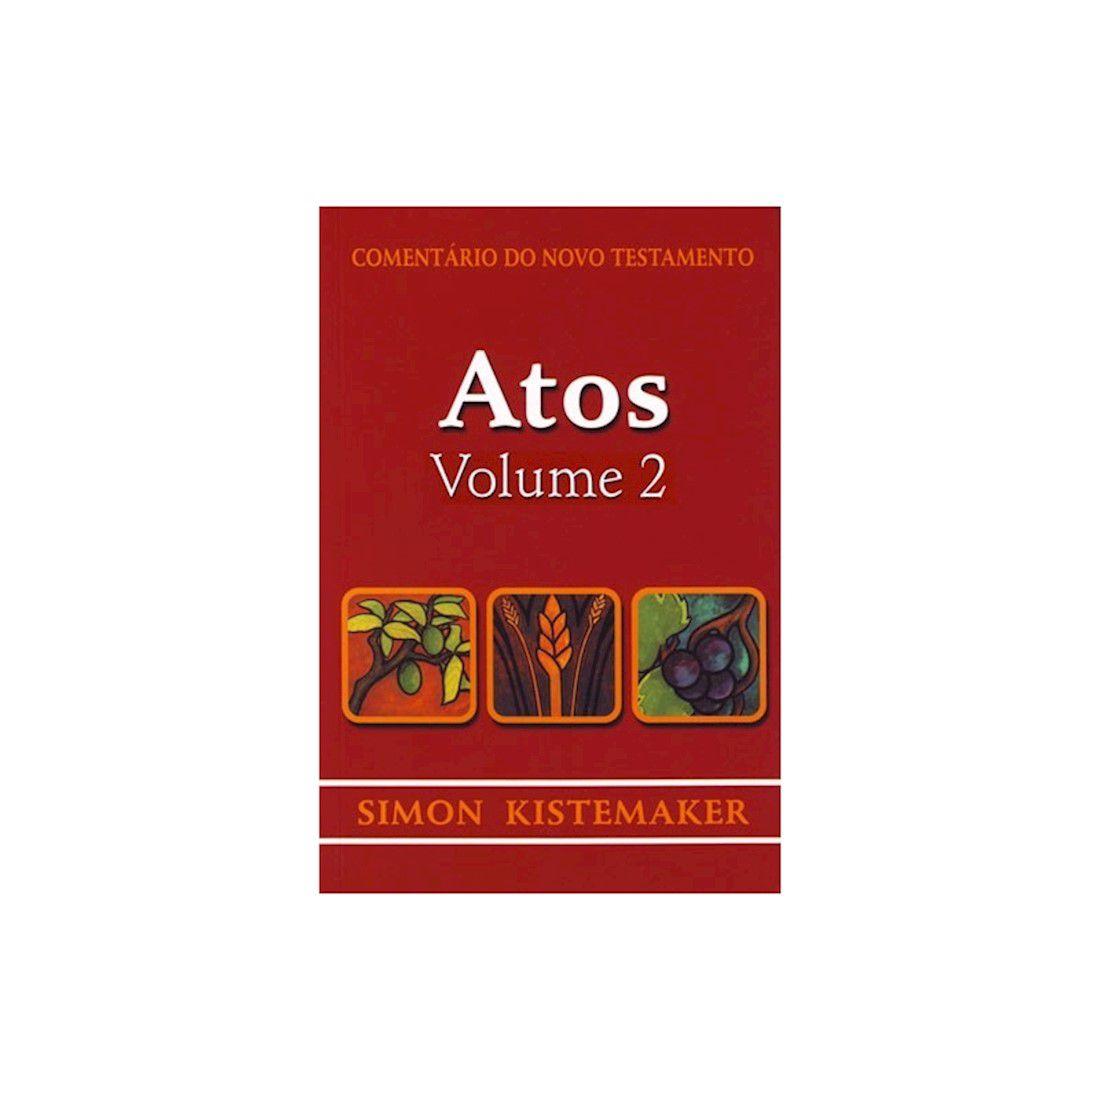 Livro Comentário do Novo Testamento de Atos Vol. 2